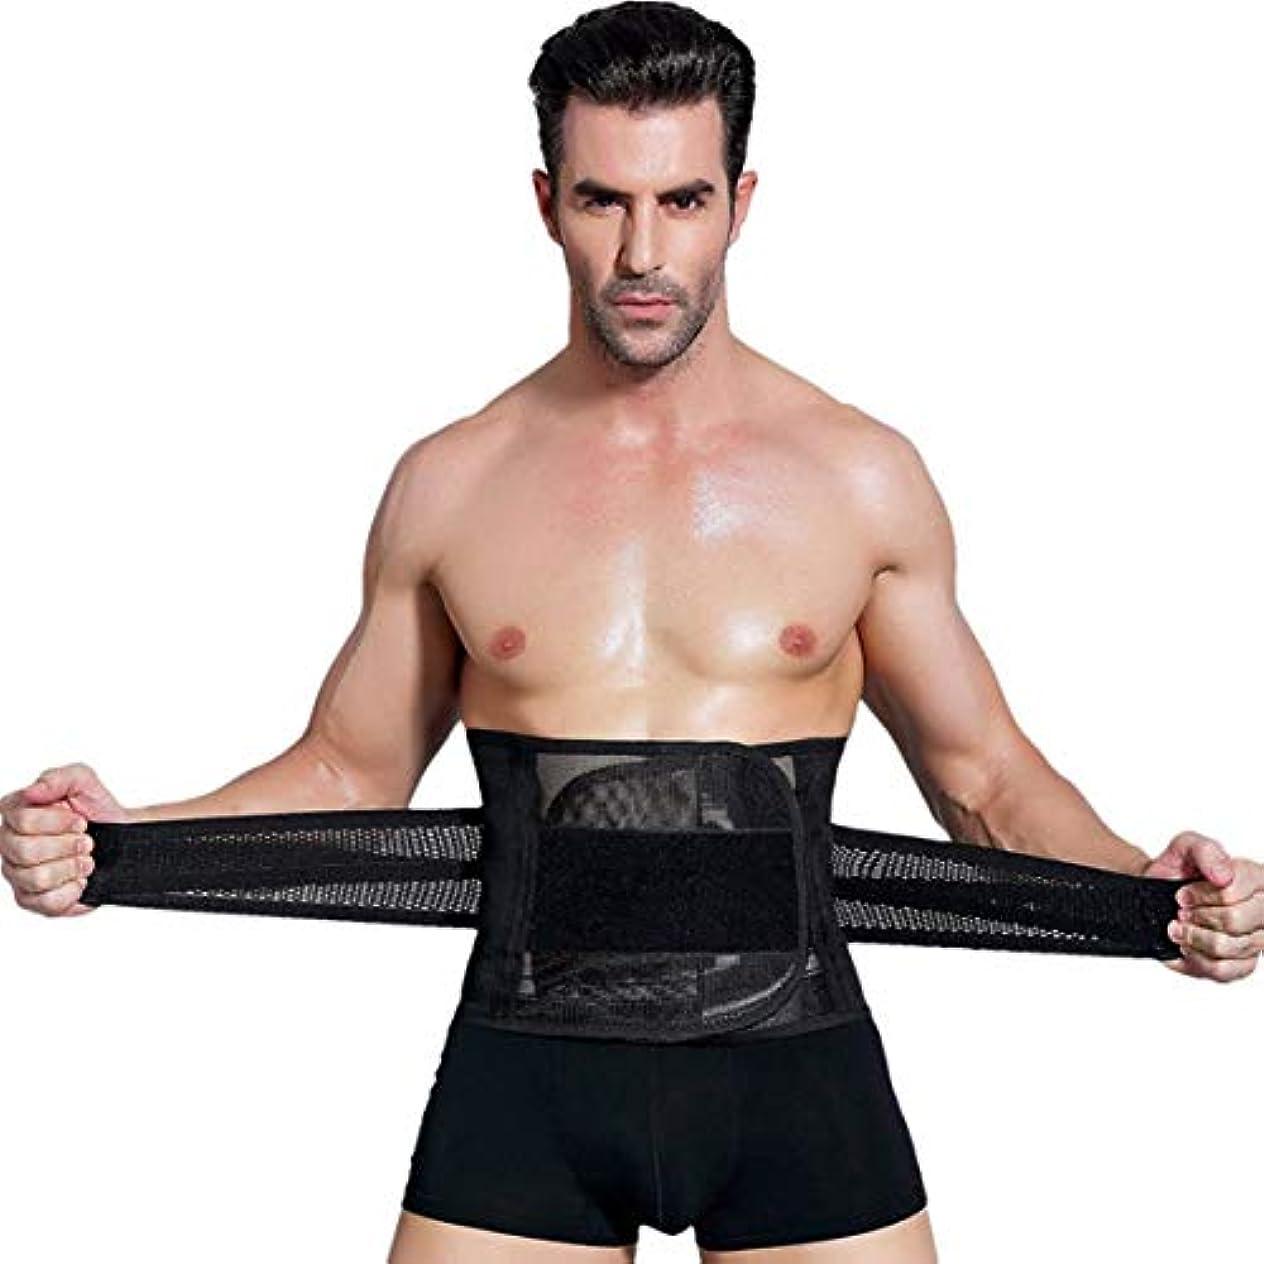 鷲伸ばすハーネス男性ボディシェイパーコルセット腹部おなかコントロールウエストトレーナーニッパー脂肪燃焼ガードル痩身腹ベルト用男性 - ブラックXXL